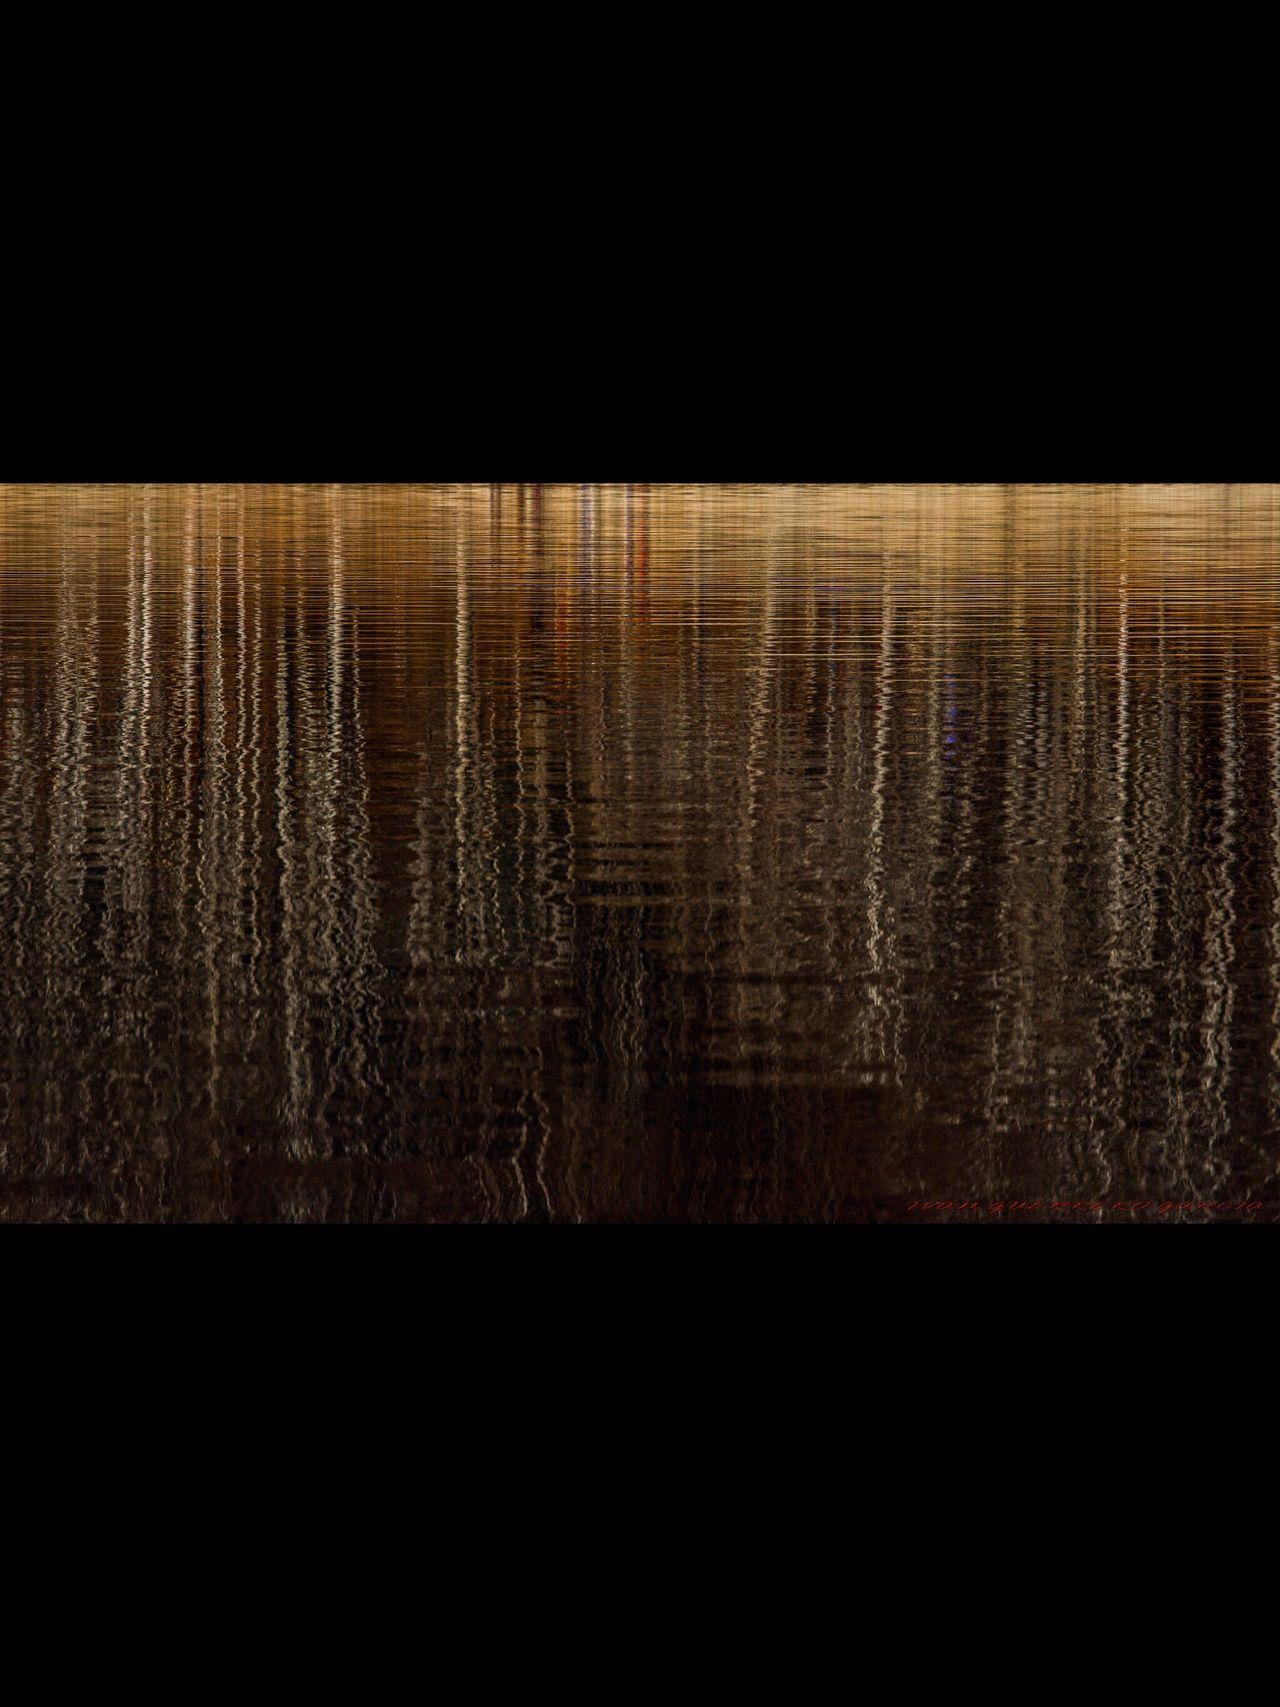 Reflejos de un bosque de pinos sobre la superficie del agua Landscape Reflection Water reflejo Reflejos agua Pantano paisaje Colorful